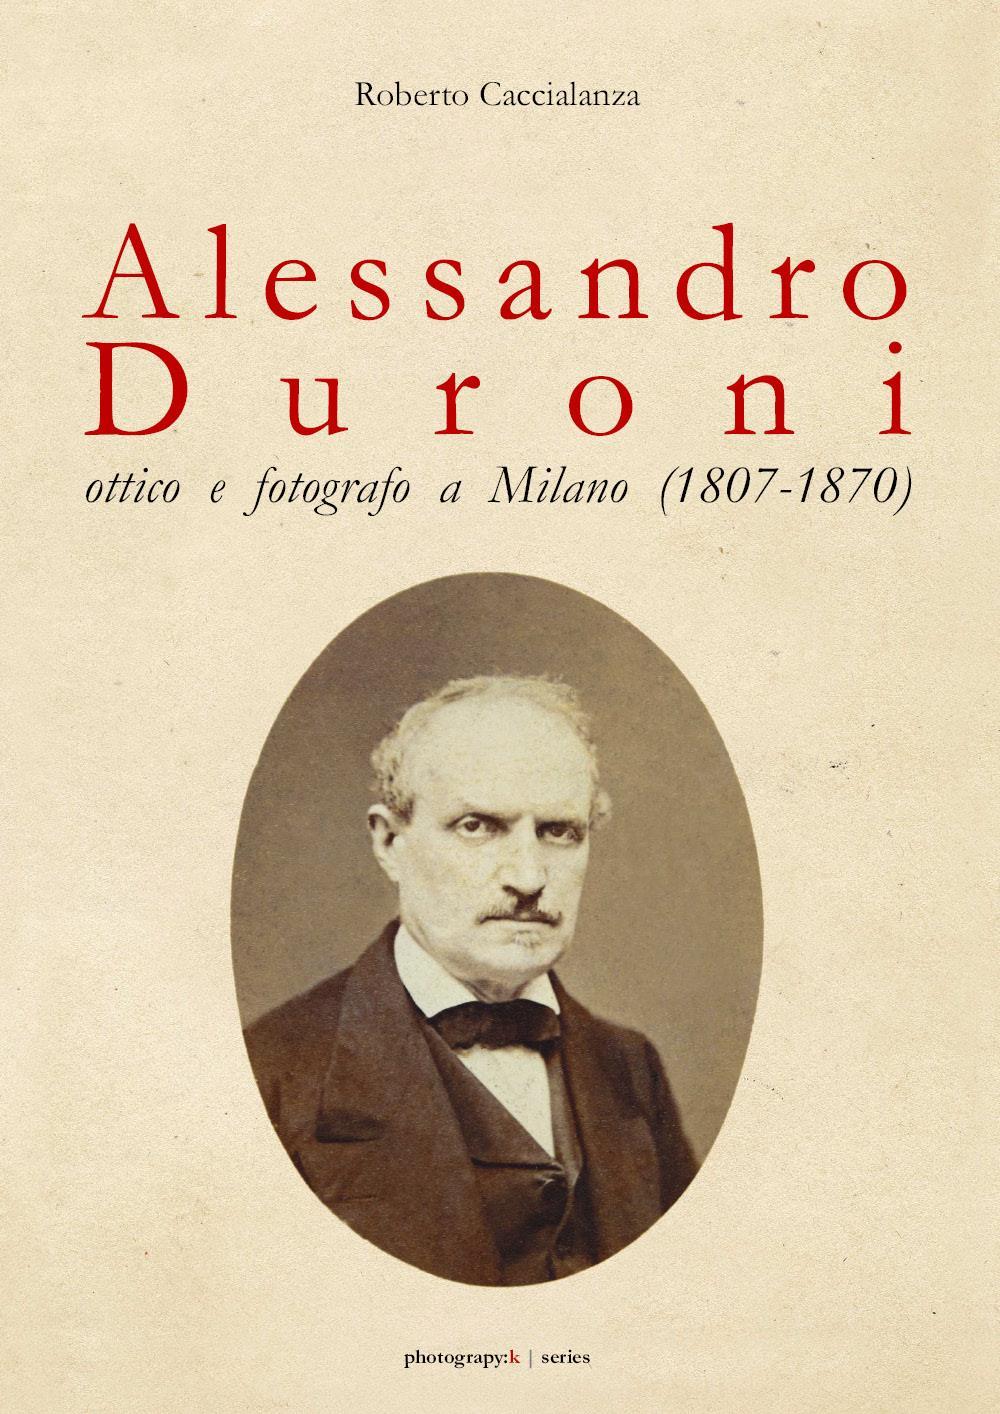 Alessandro Duroni, ottico e fotografo a Milano (1807-1870)